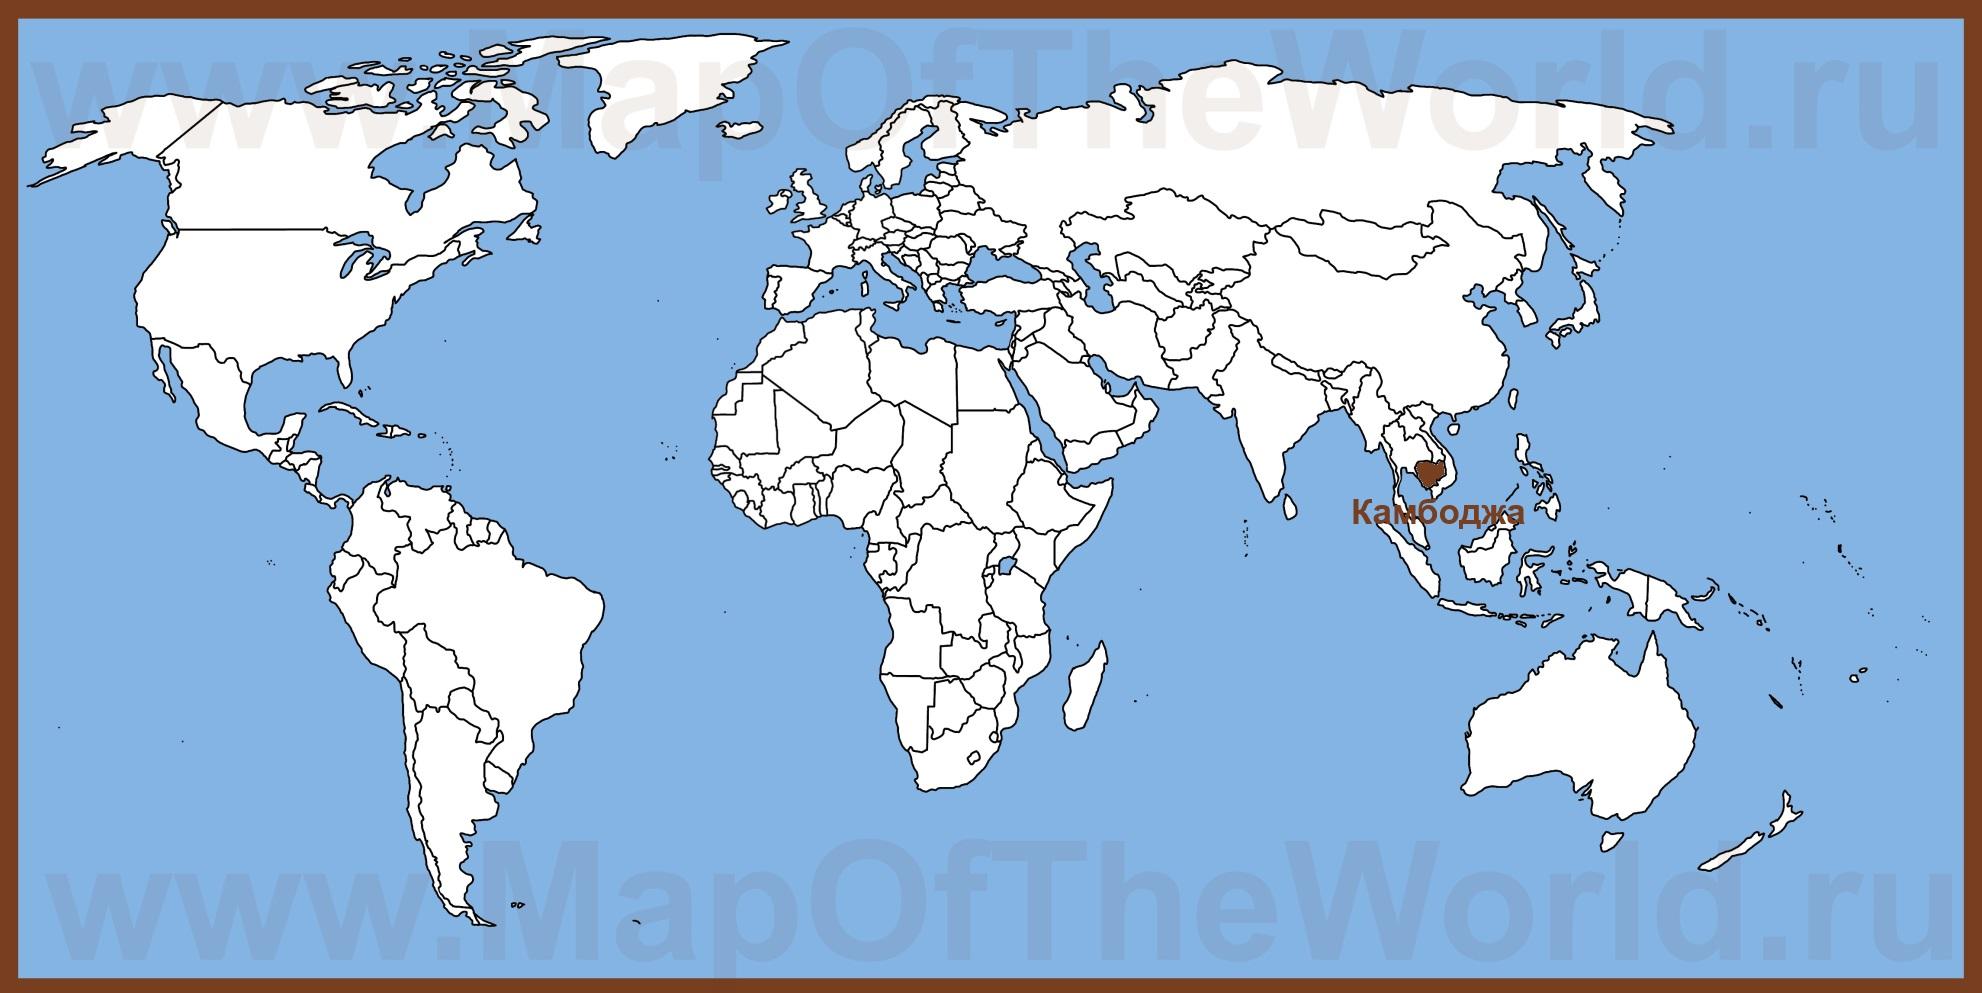 Картинки по запросу Камбоджа на карте Мира